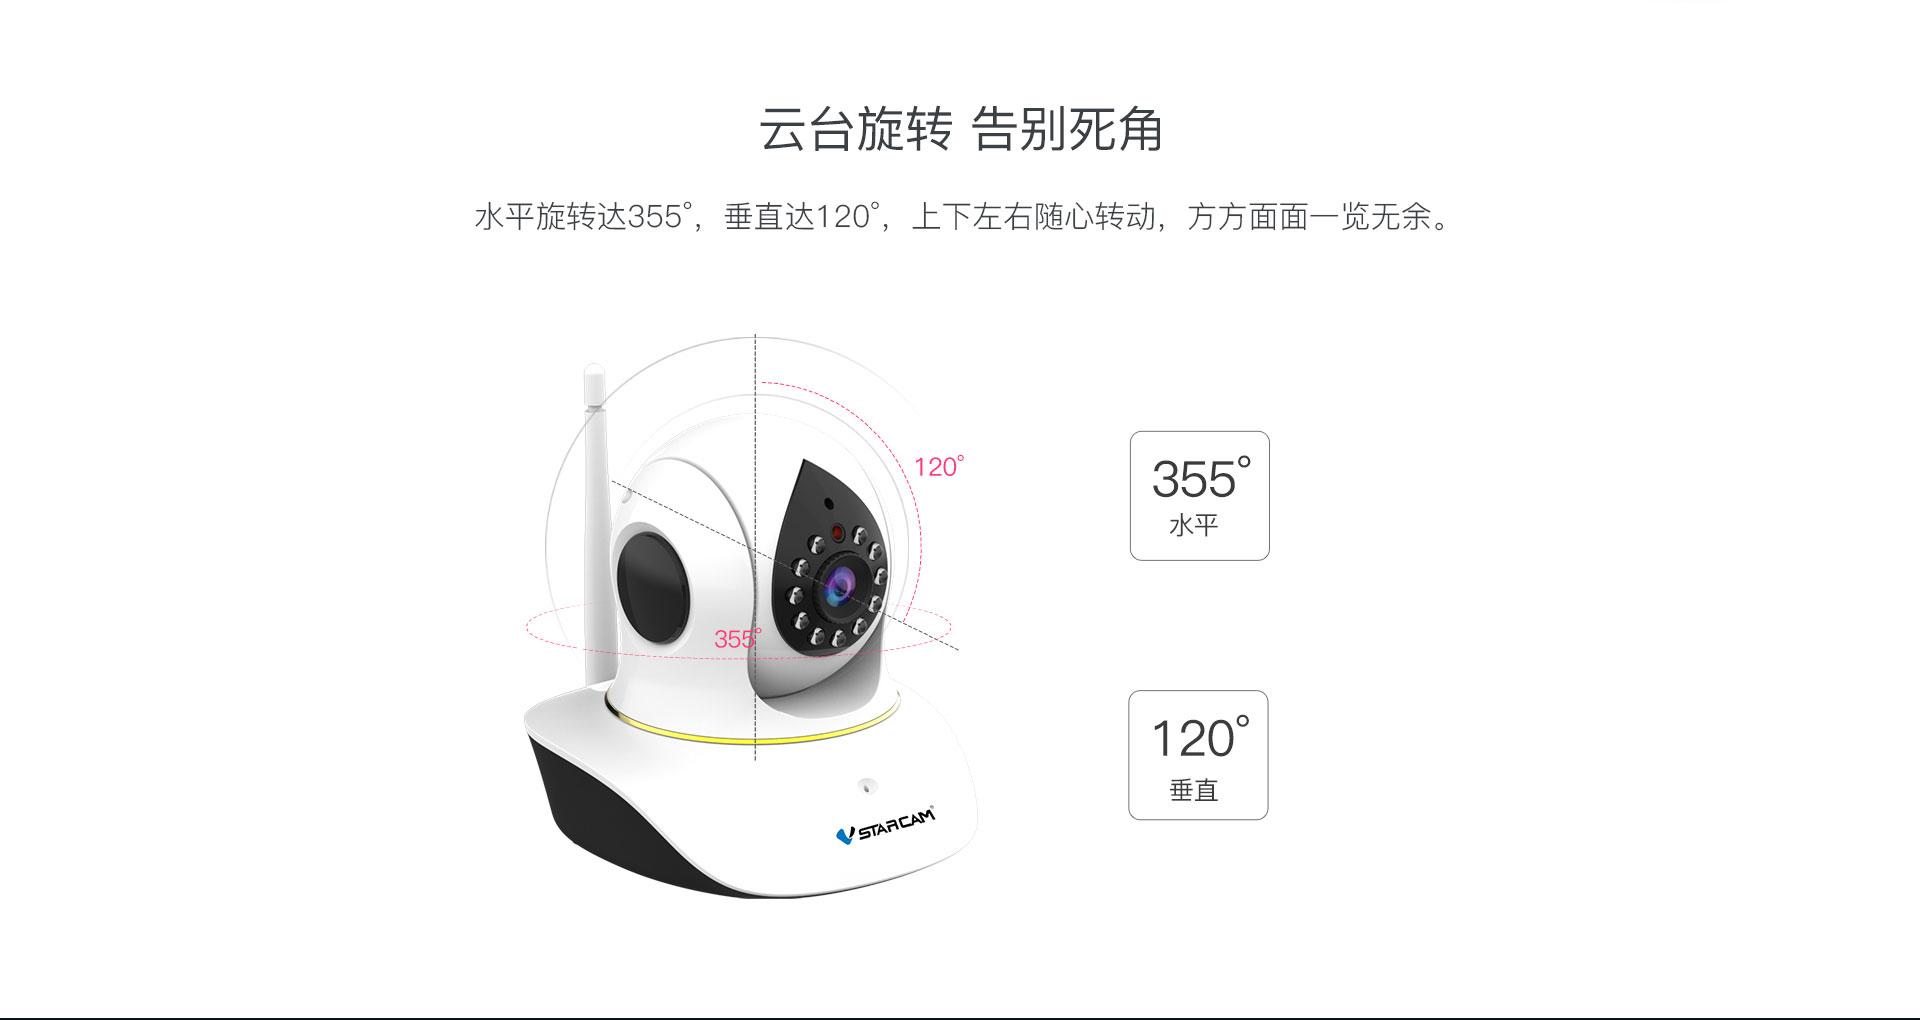 激光网络摄像机